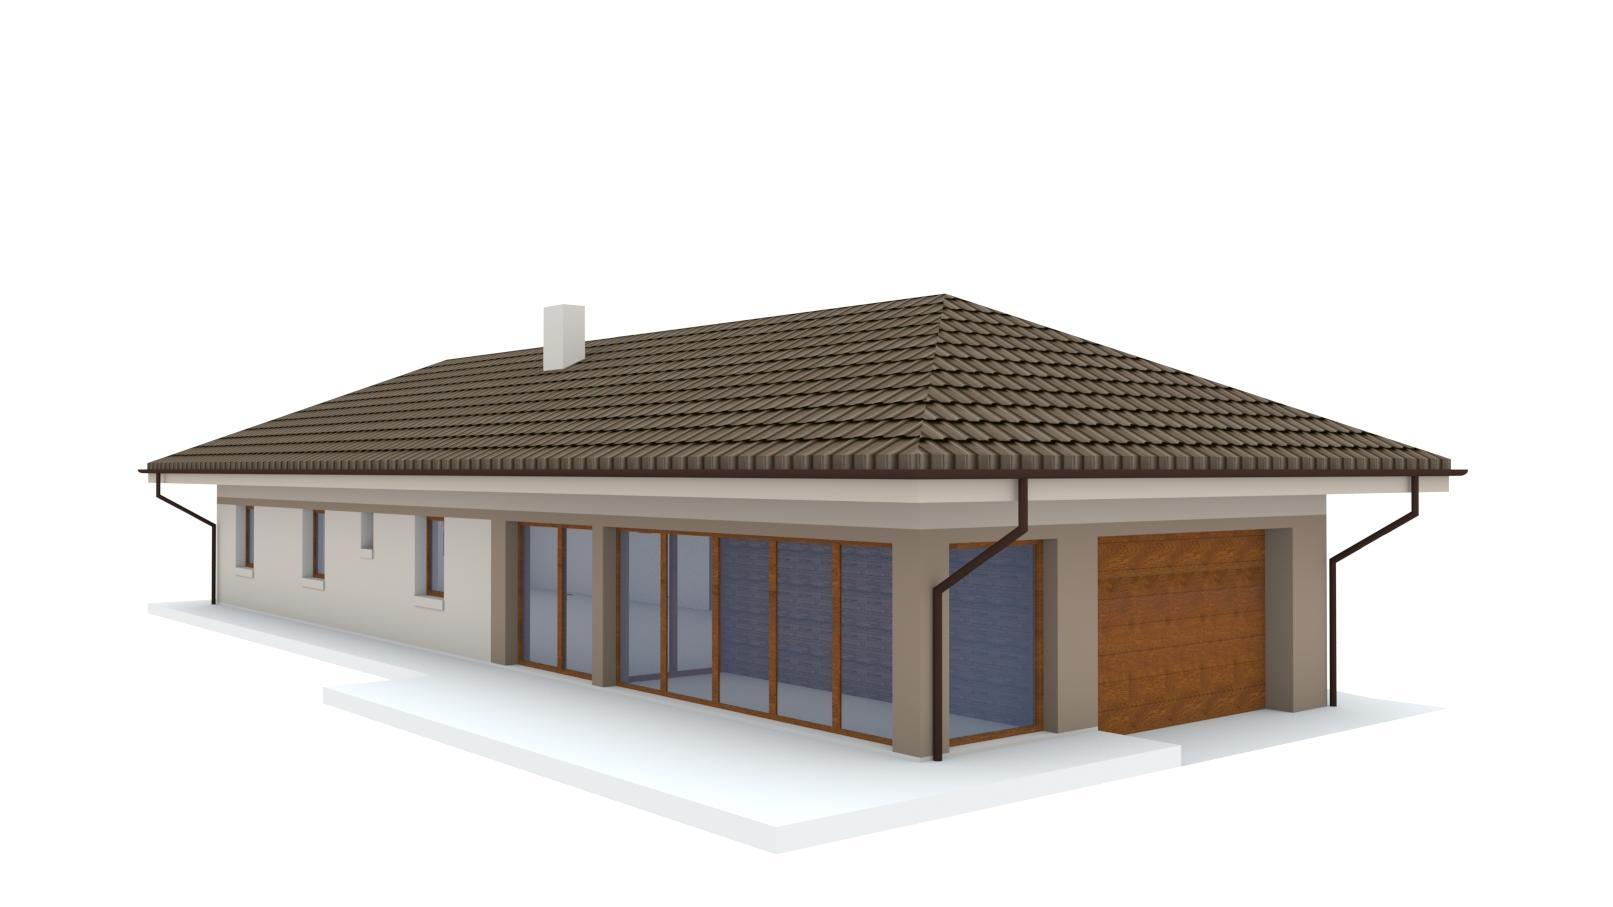 Návrh fasády rodinného domu a štúdia záhrady, siete chodníkov a chatky - Obrázok č. 3